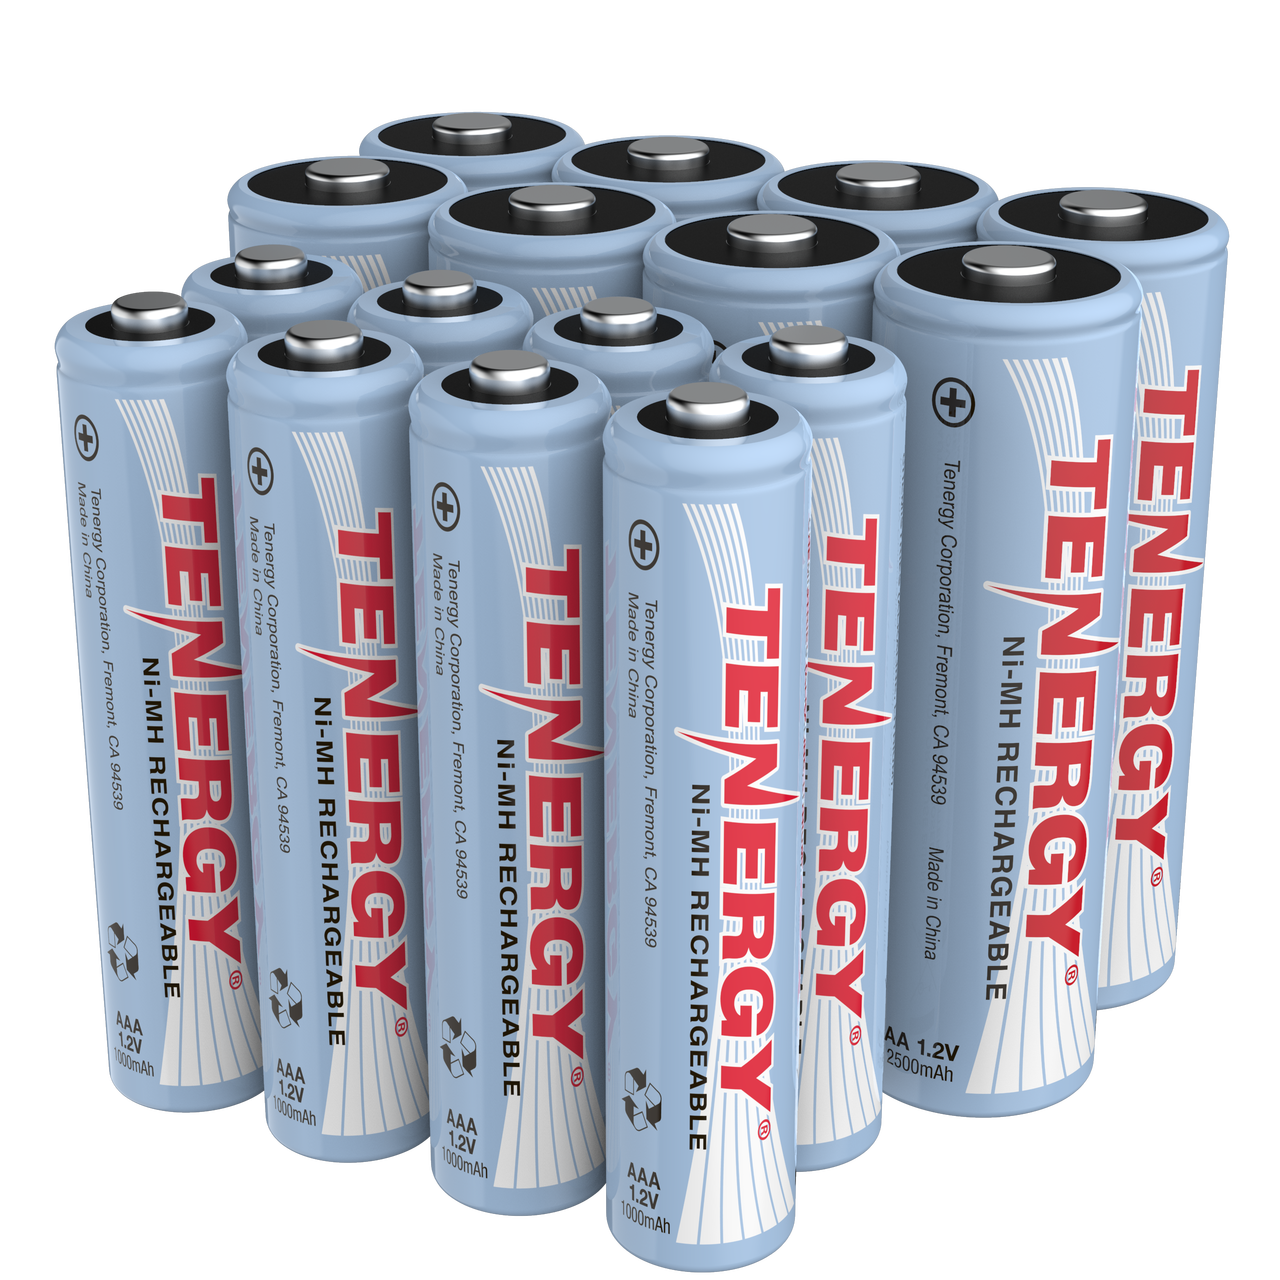 Combo 16 Pcs Nimh Rechargeable Batteries 8aa 8 Aaa Nimh Rechargeable Batteries Cordless Phone